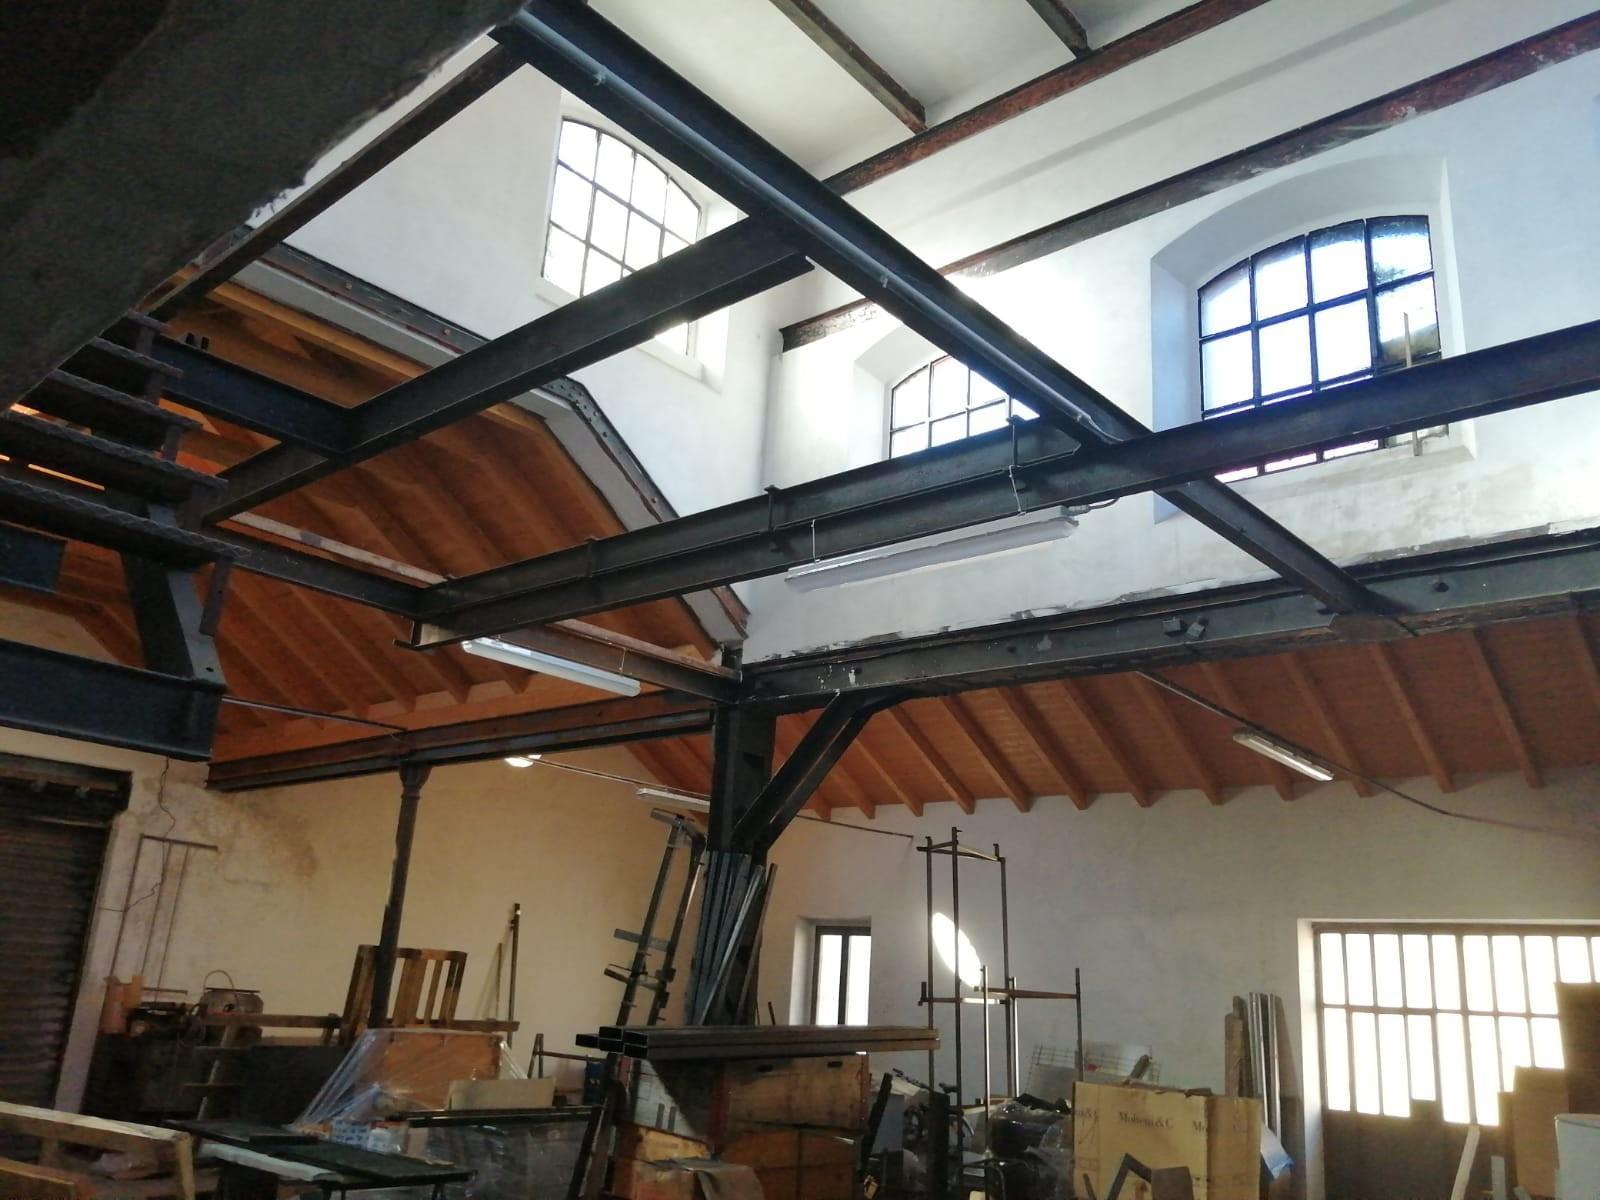 Foto 15 - Laboratorio in Vendita - Seveso (Monza e Brianza)